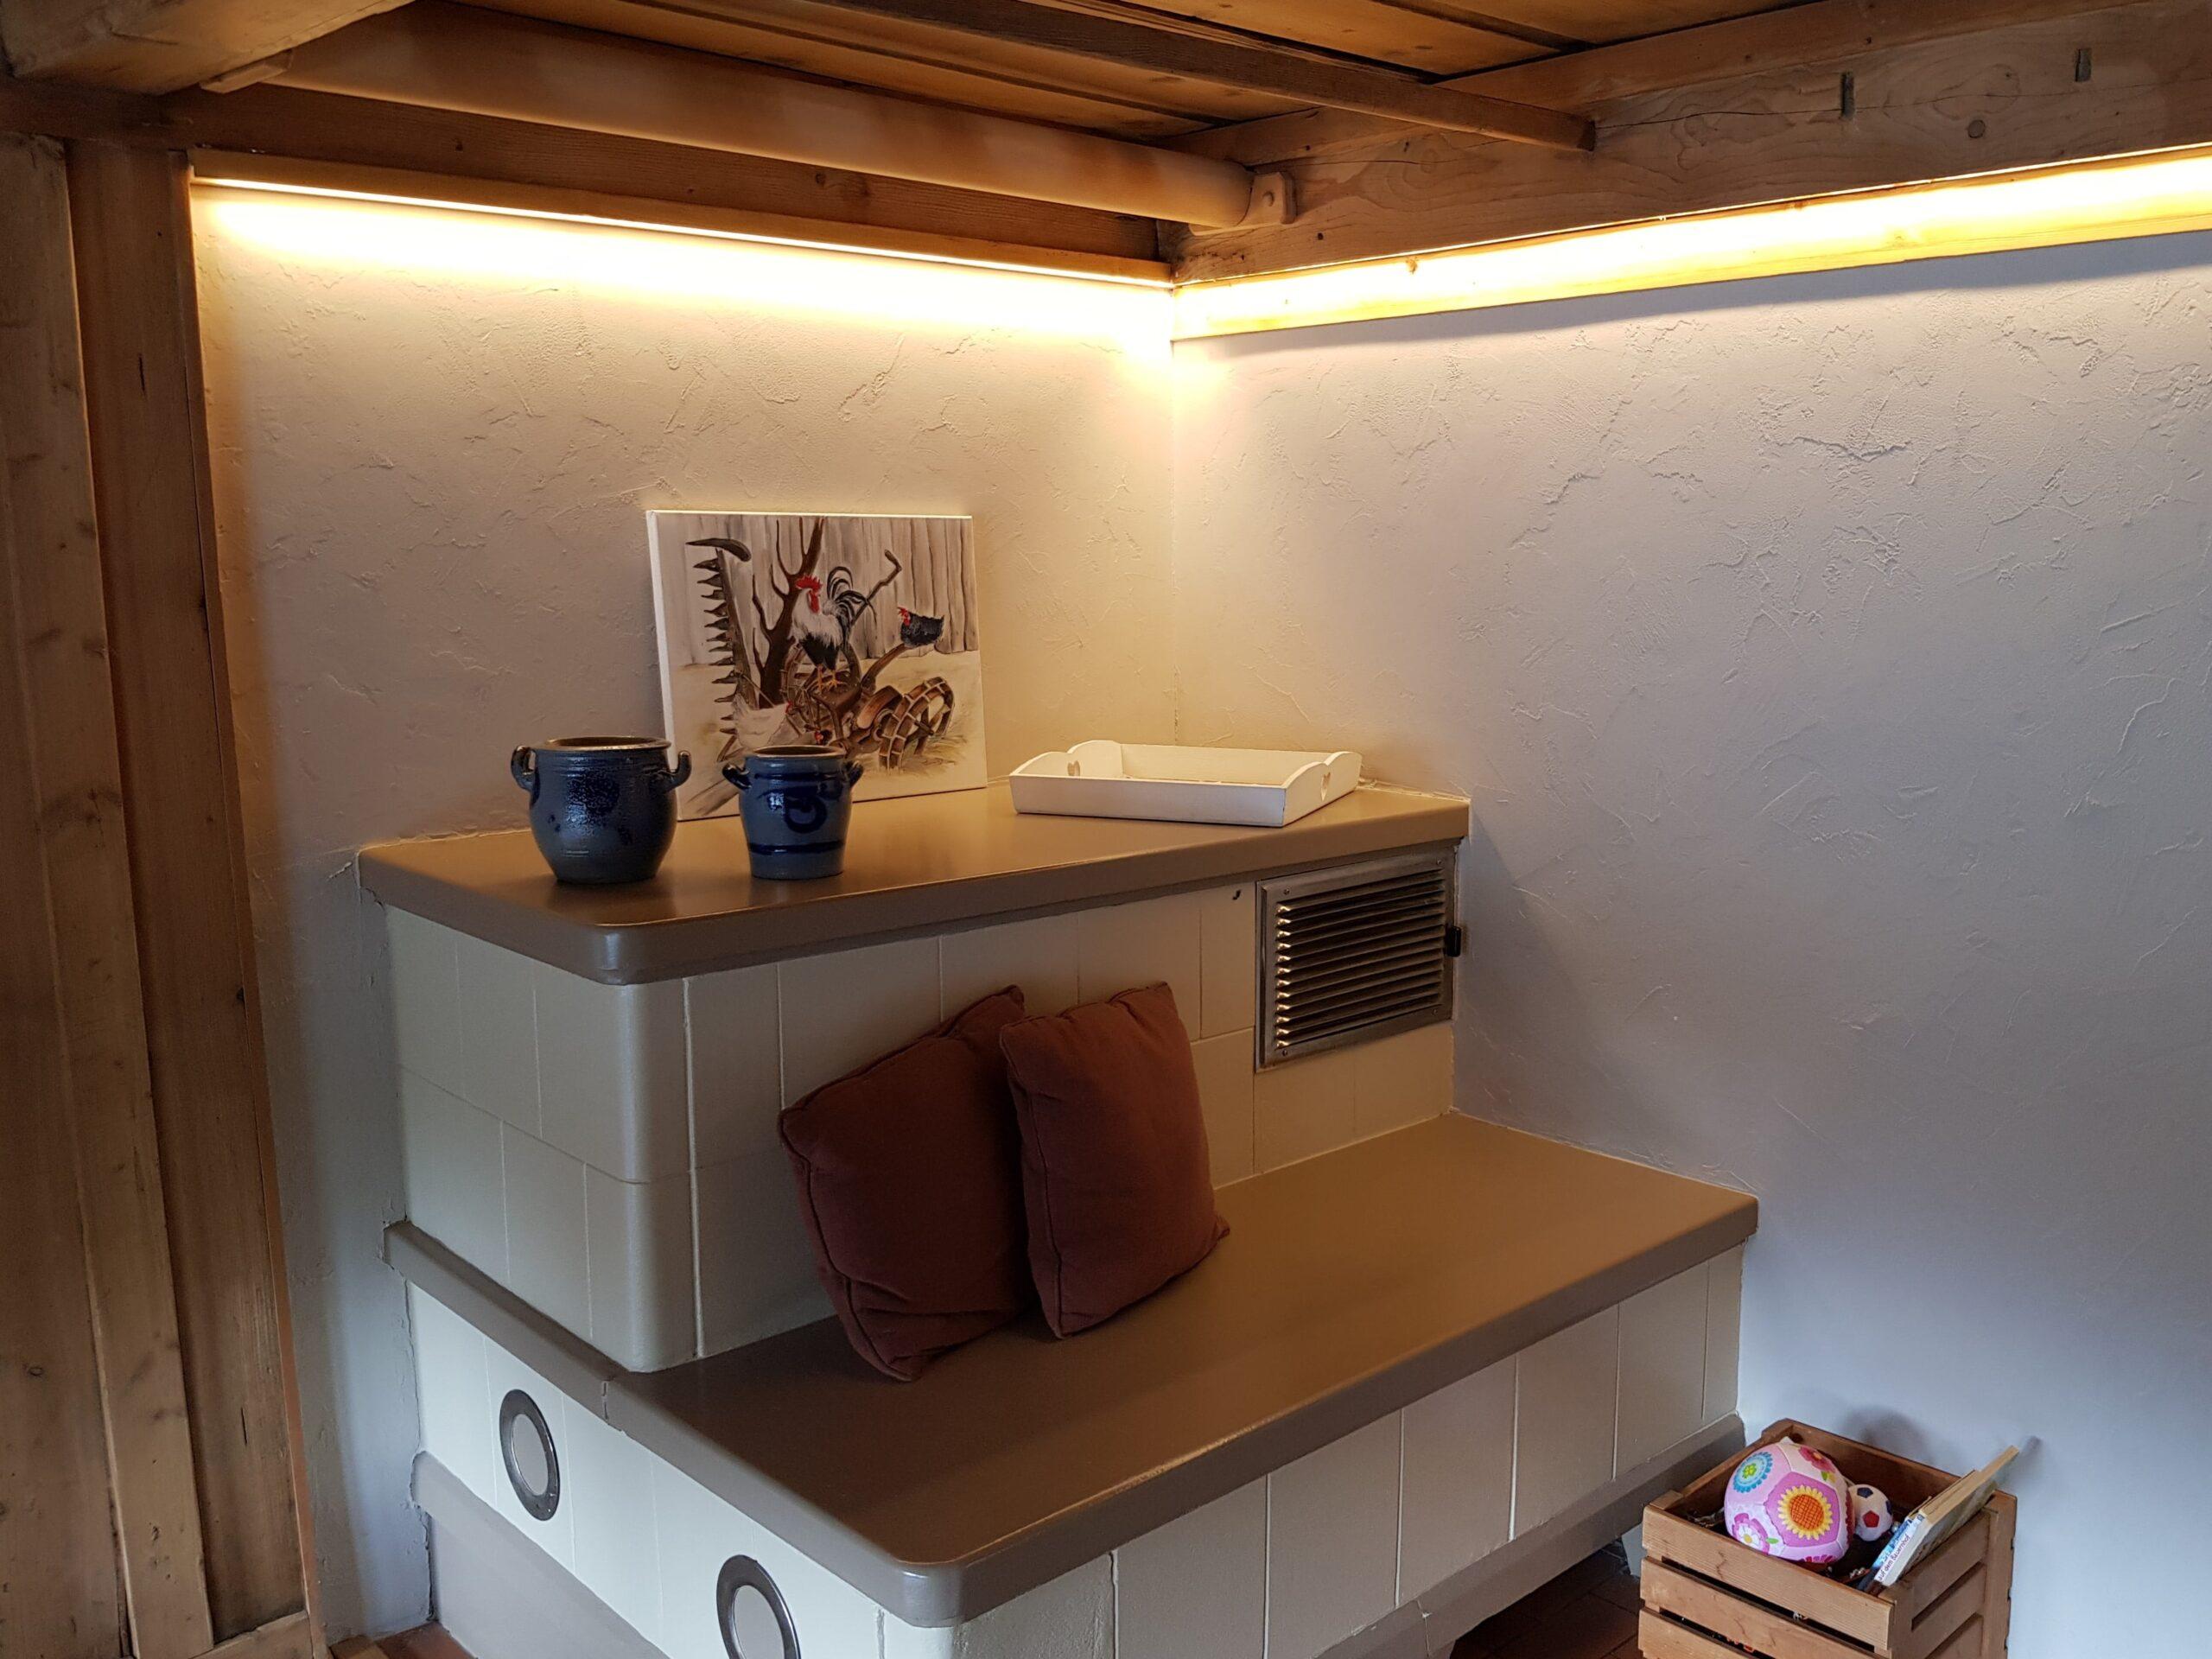 Wooddesign_Holzleuchten_LED-Beleuchtung_Licht_Indirekte Beleuchtung_Direkte Beleuchtung_Holzdesign (25)-min